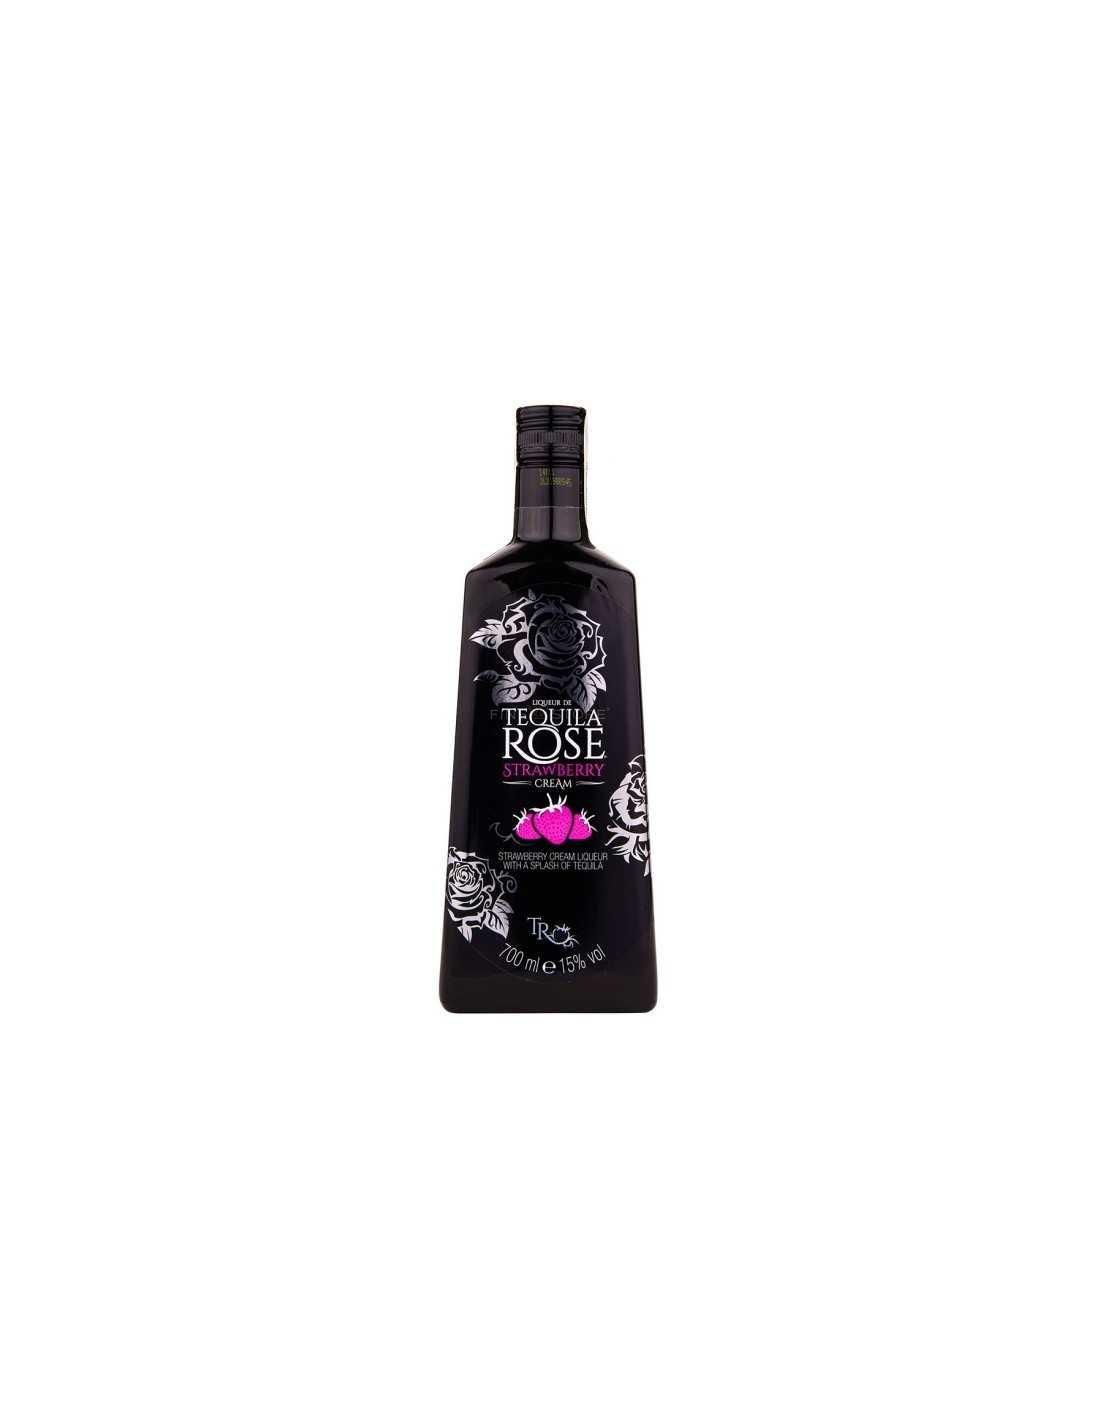 Lichior cu aroma de tequila Rose Cream Liquer 0.7L, 38% alc., SUA